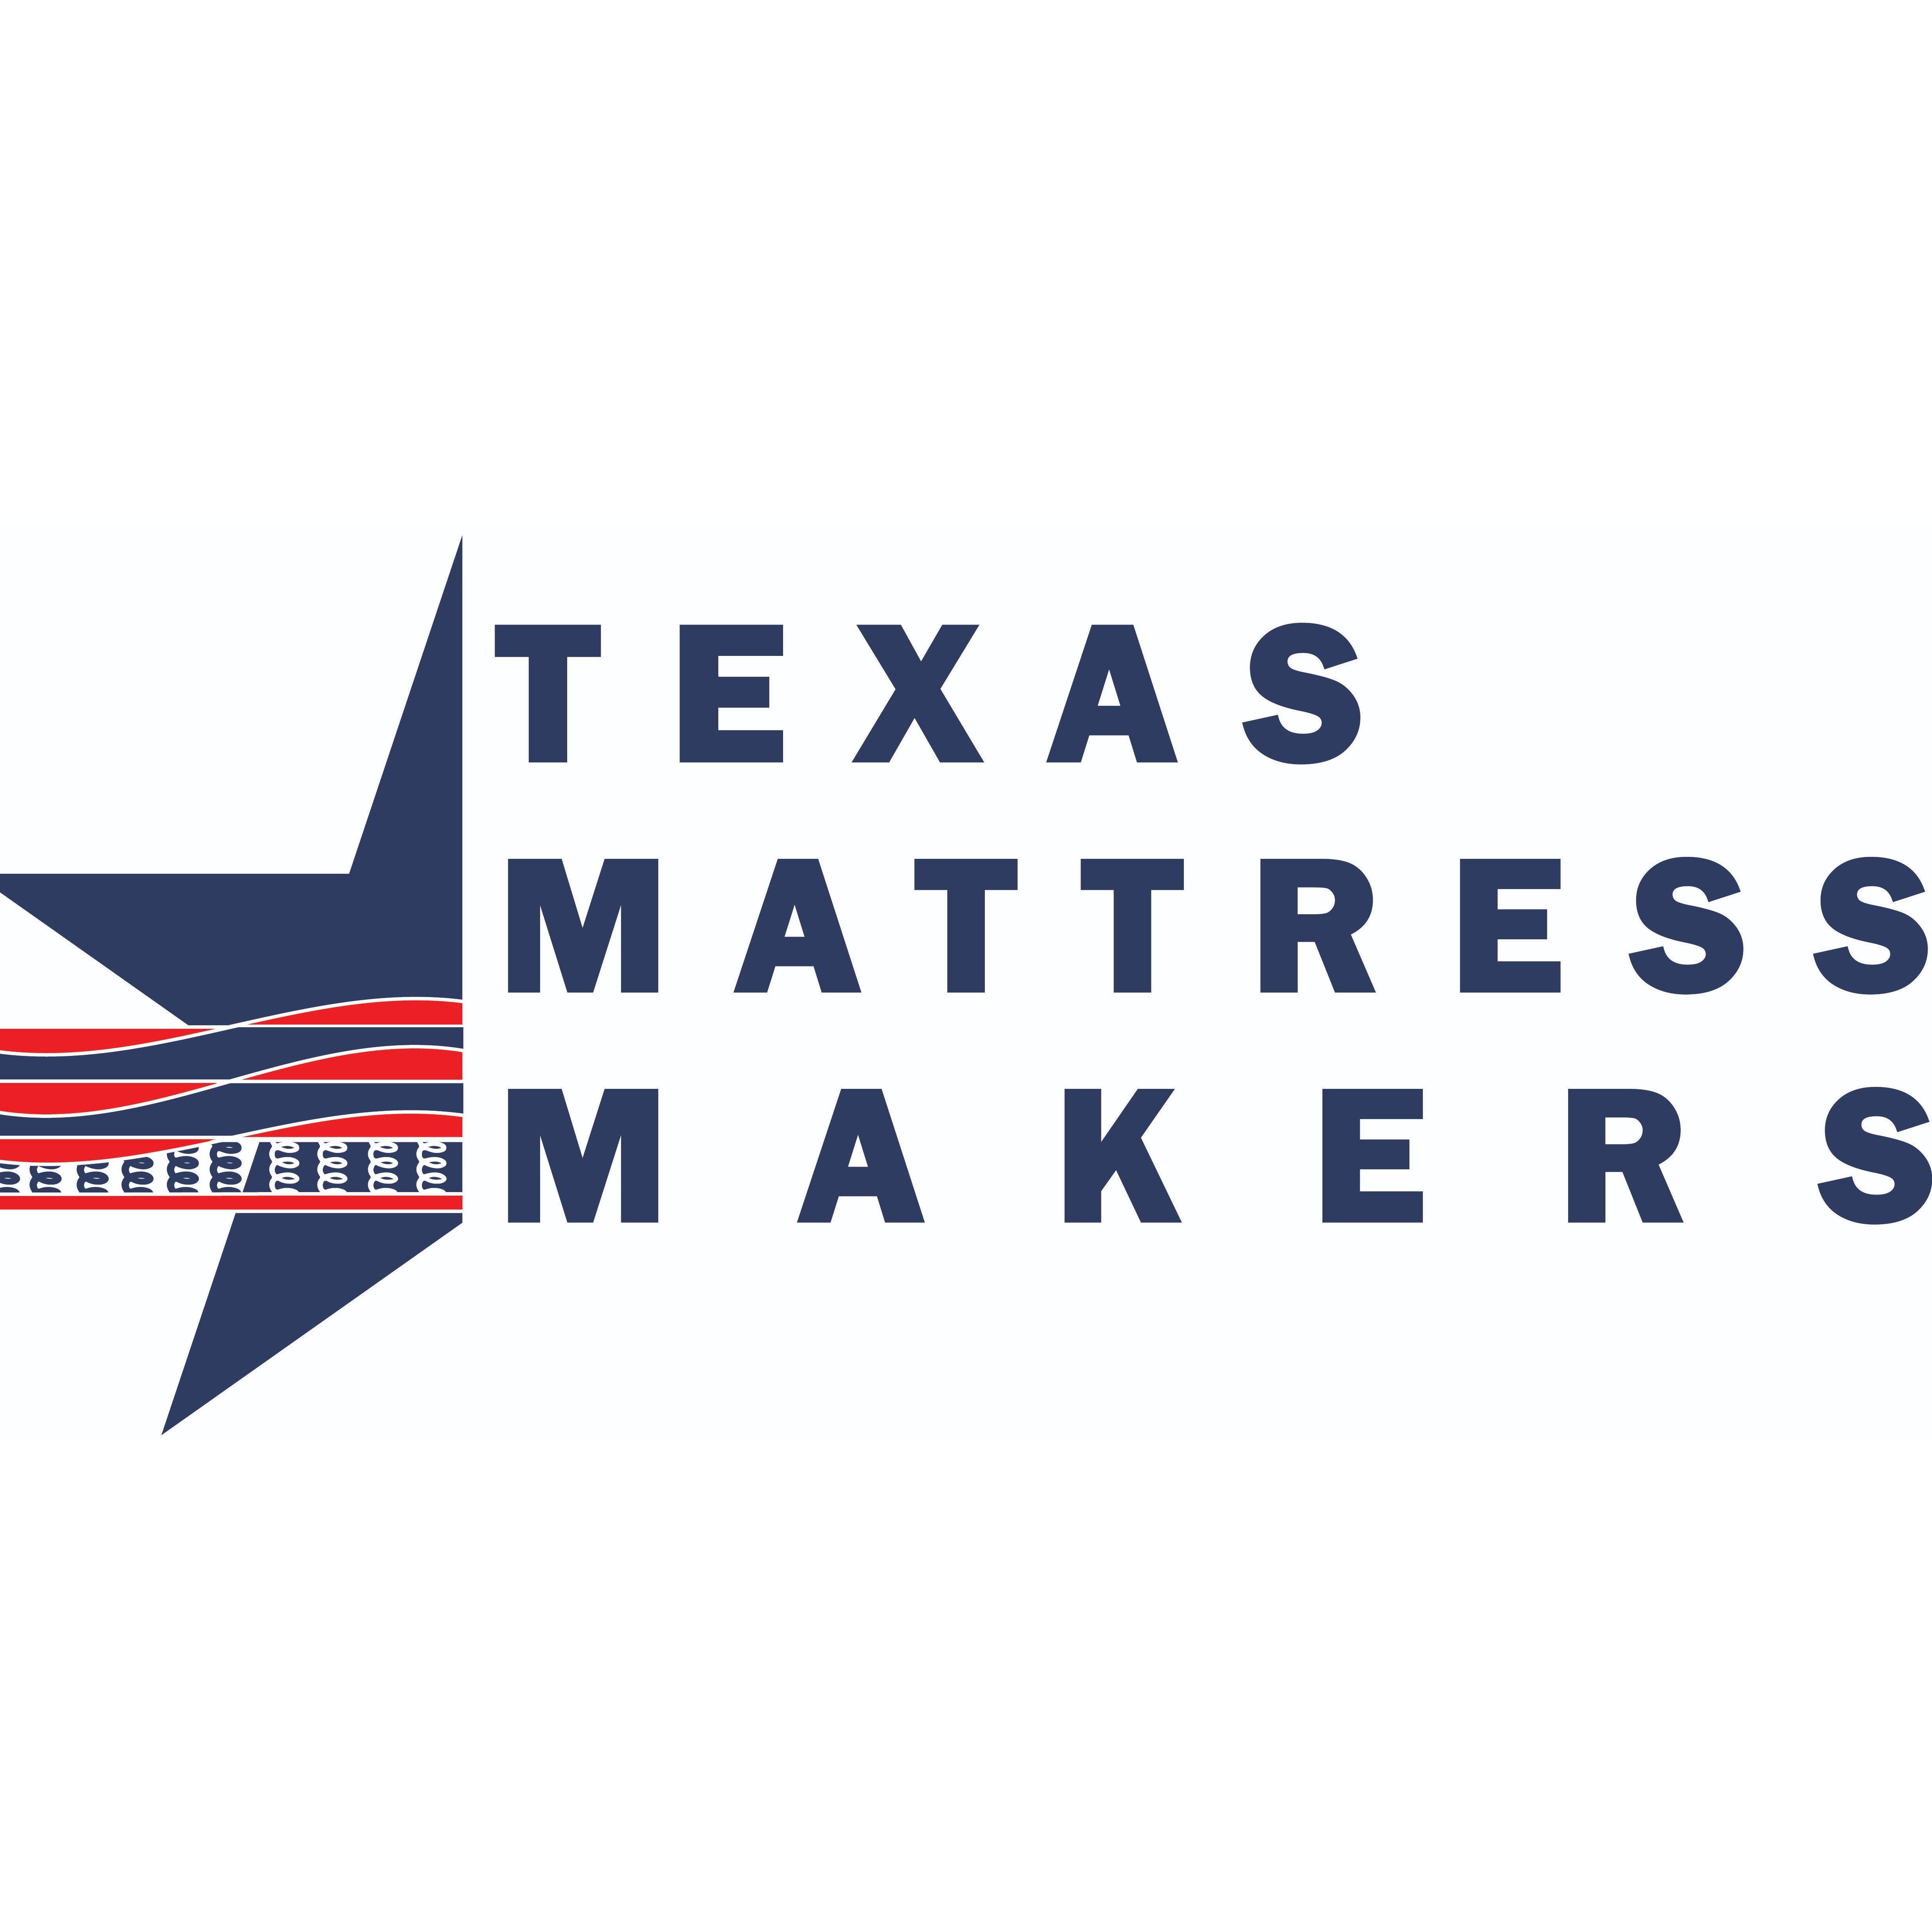 Texas Mattress Makers